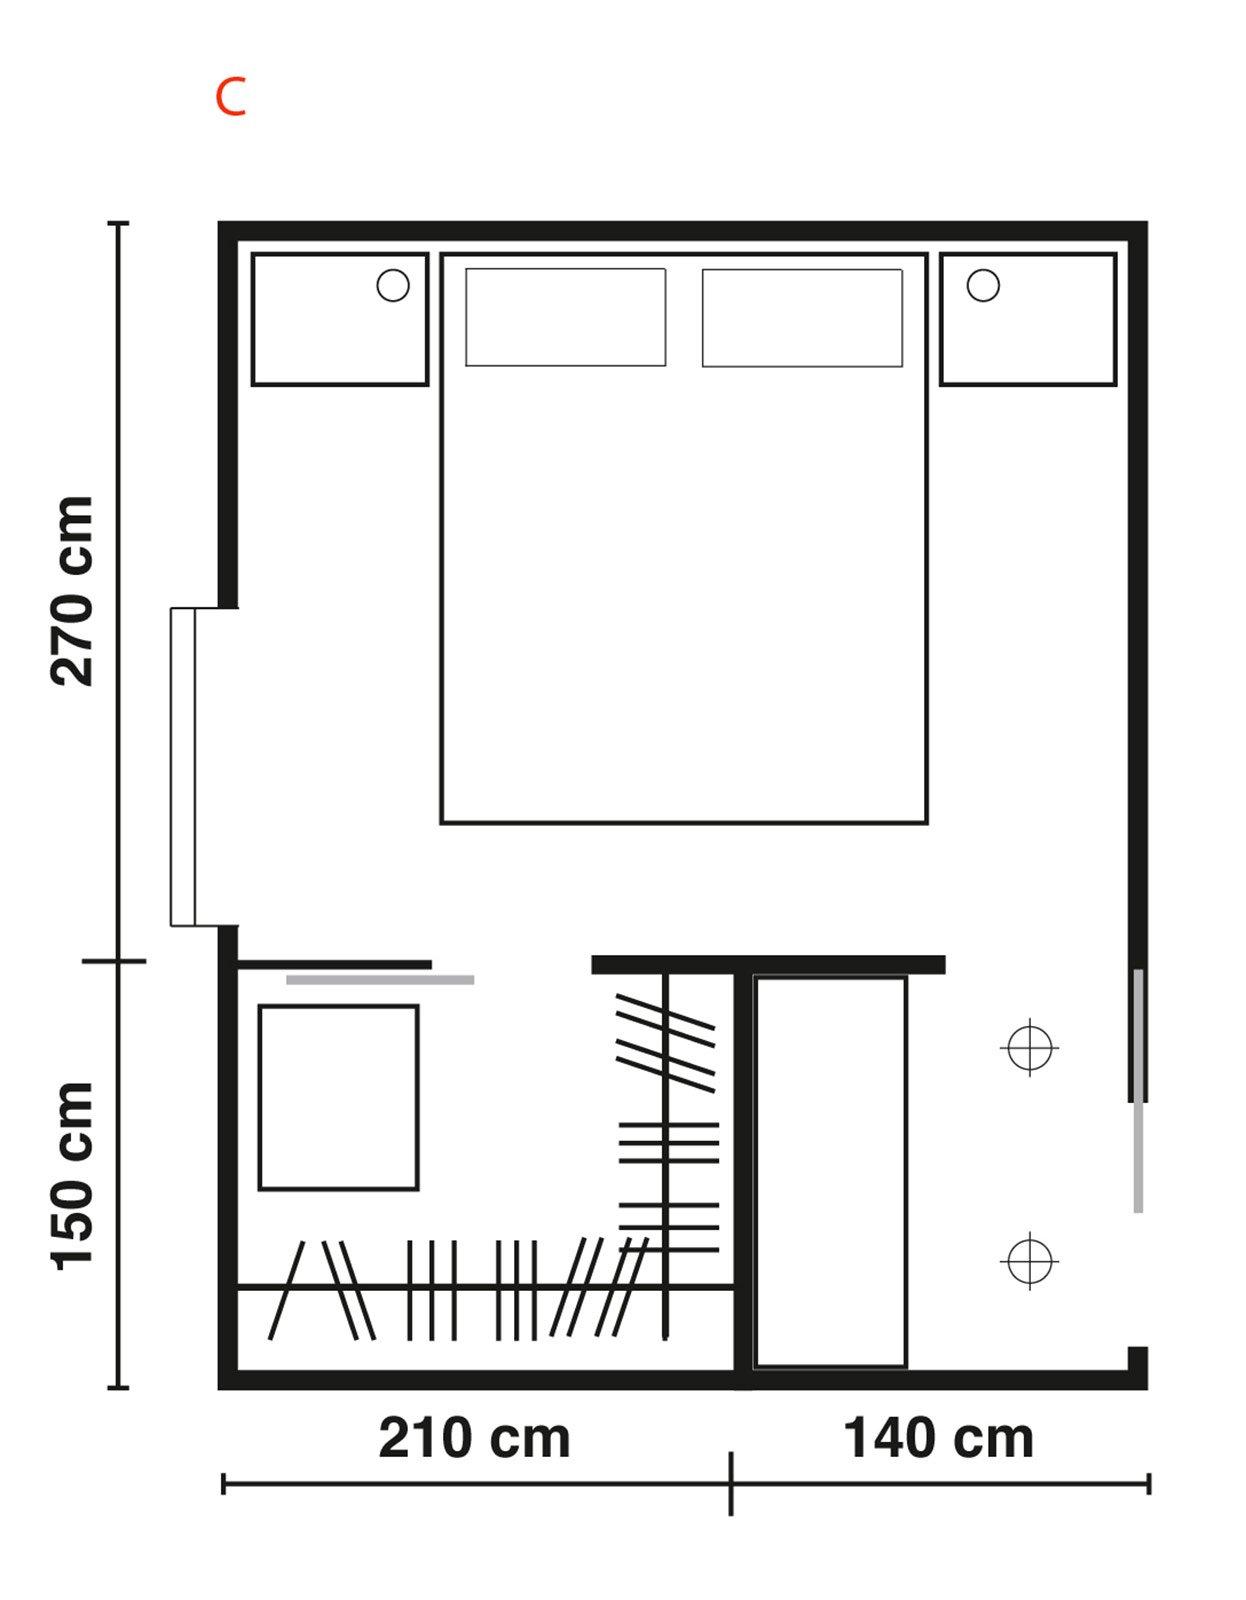 Cabine armadio progettiamo insieme lo spazio cose di casa for Planimetrie per costruire una casa